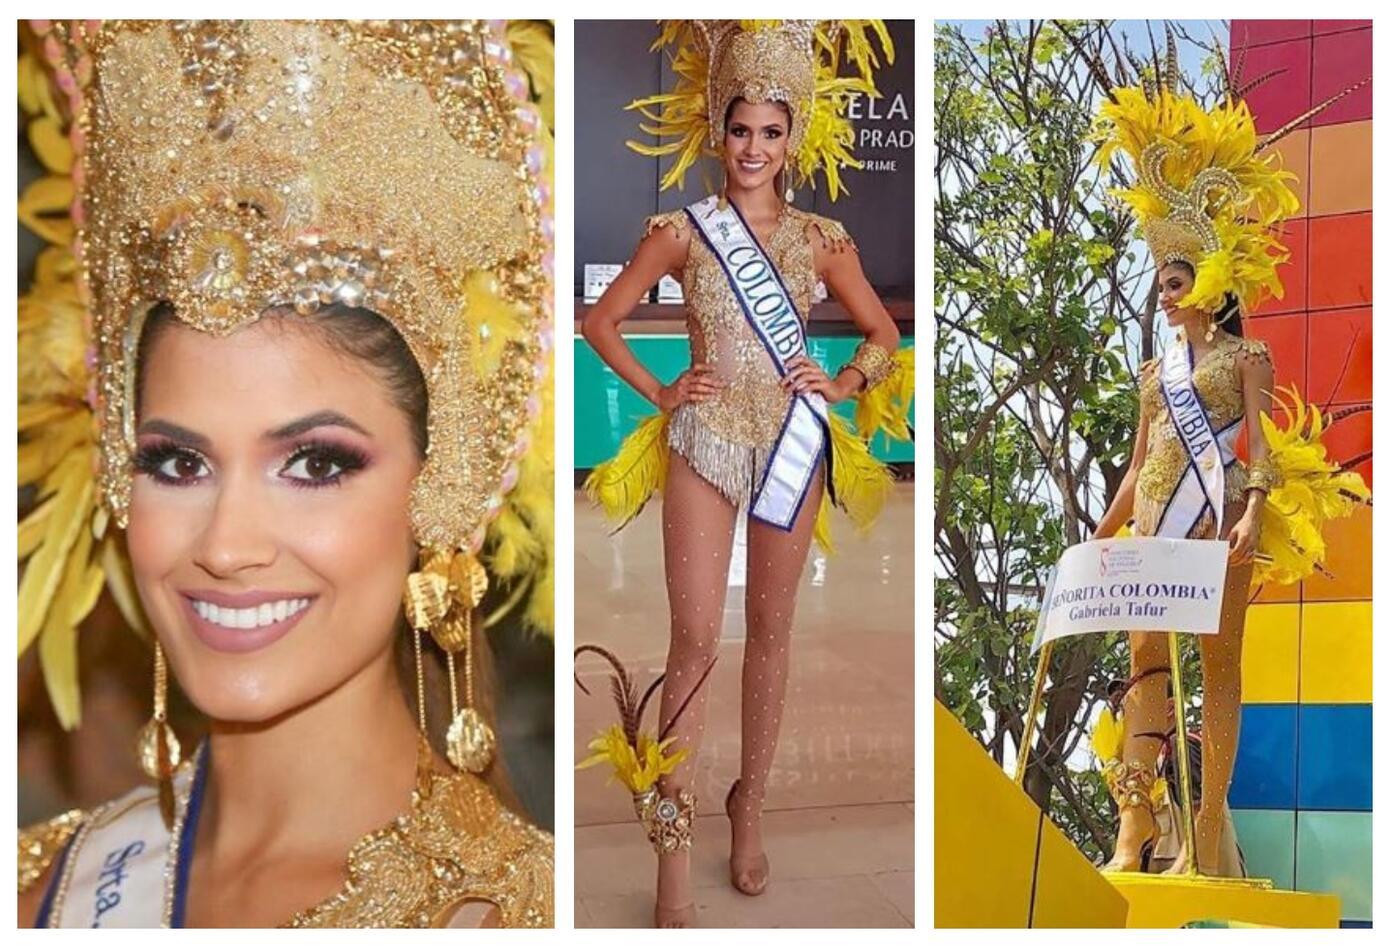 Gabriela Tafur en el Carnaval de Barranquilla 2019